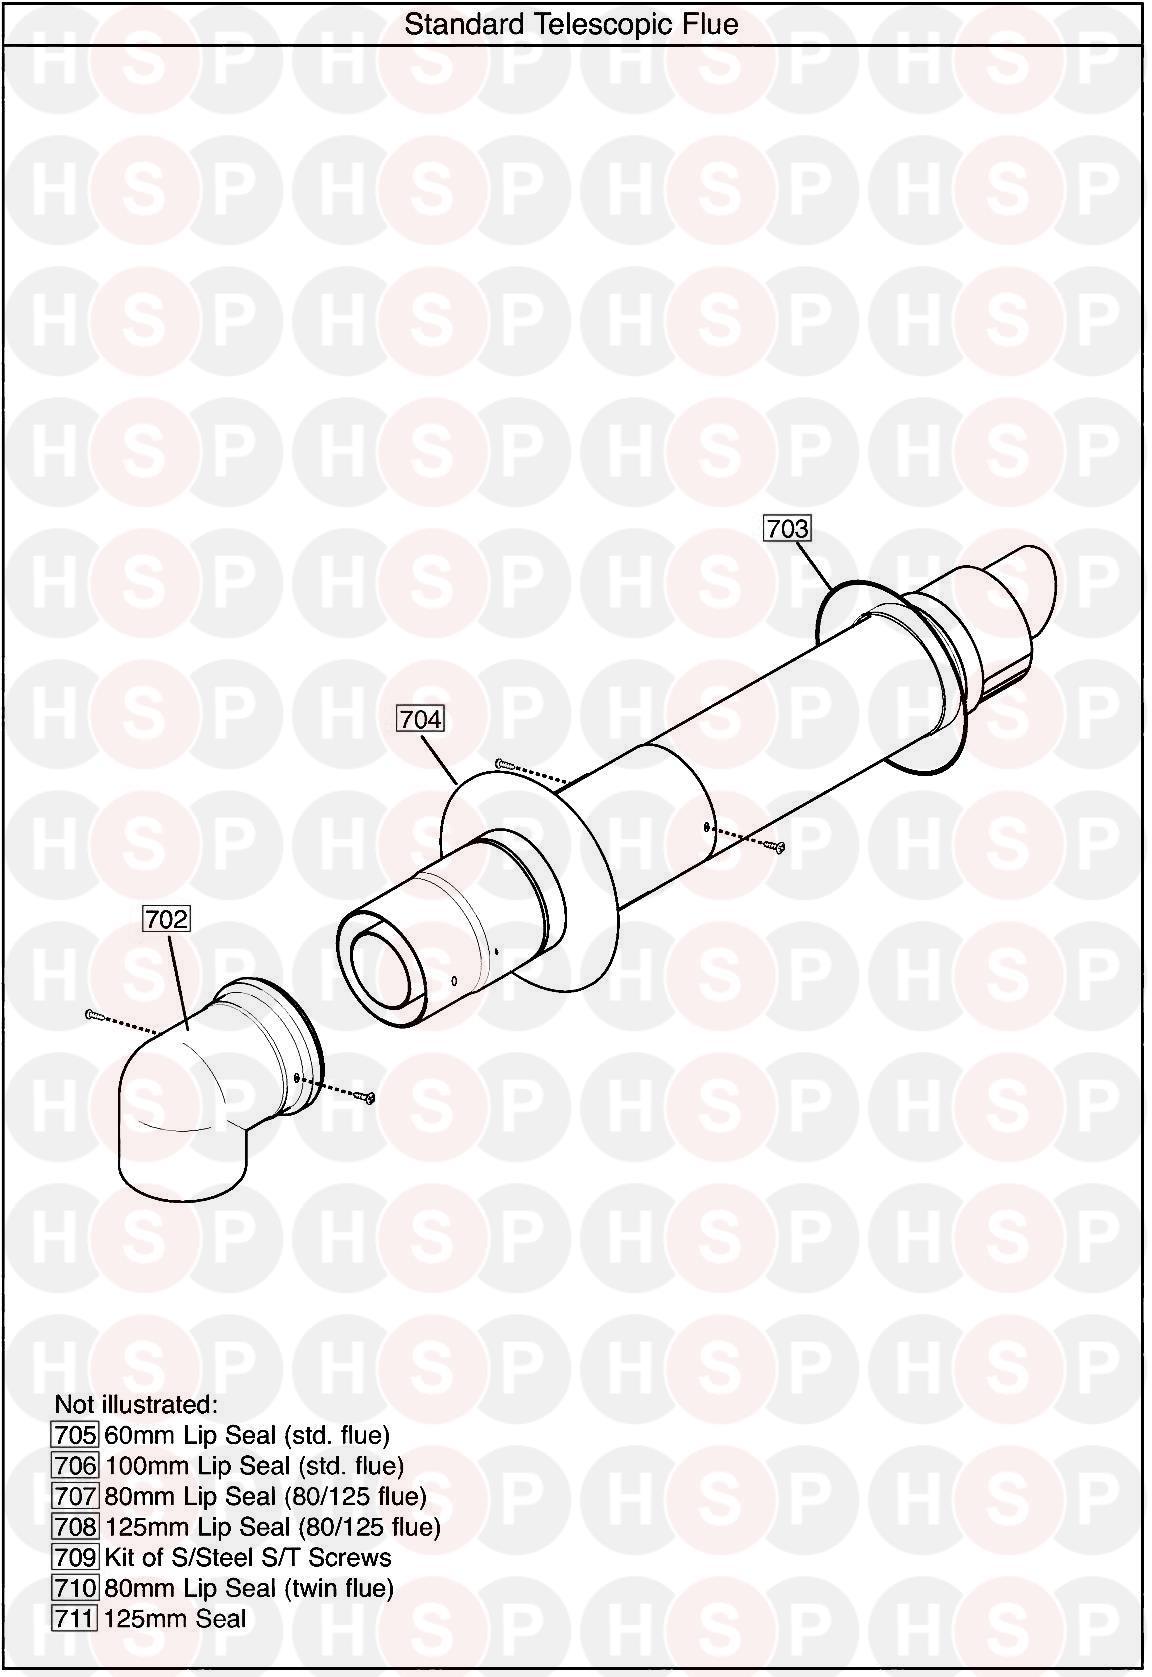 baxi ecoblue advance combi 28 appliance diagram  flue assembly